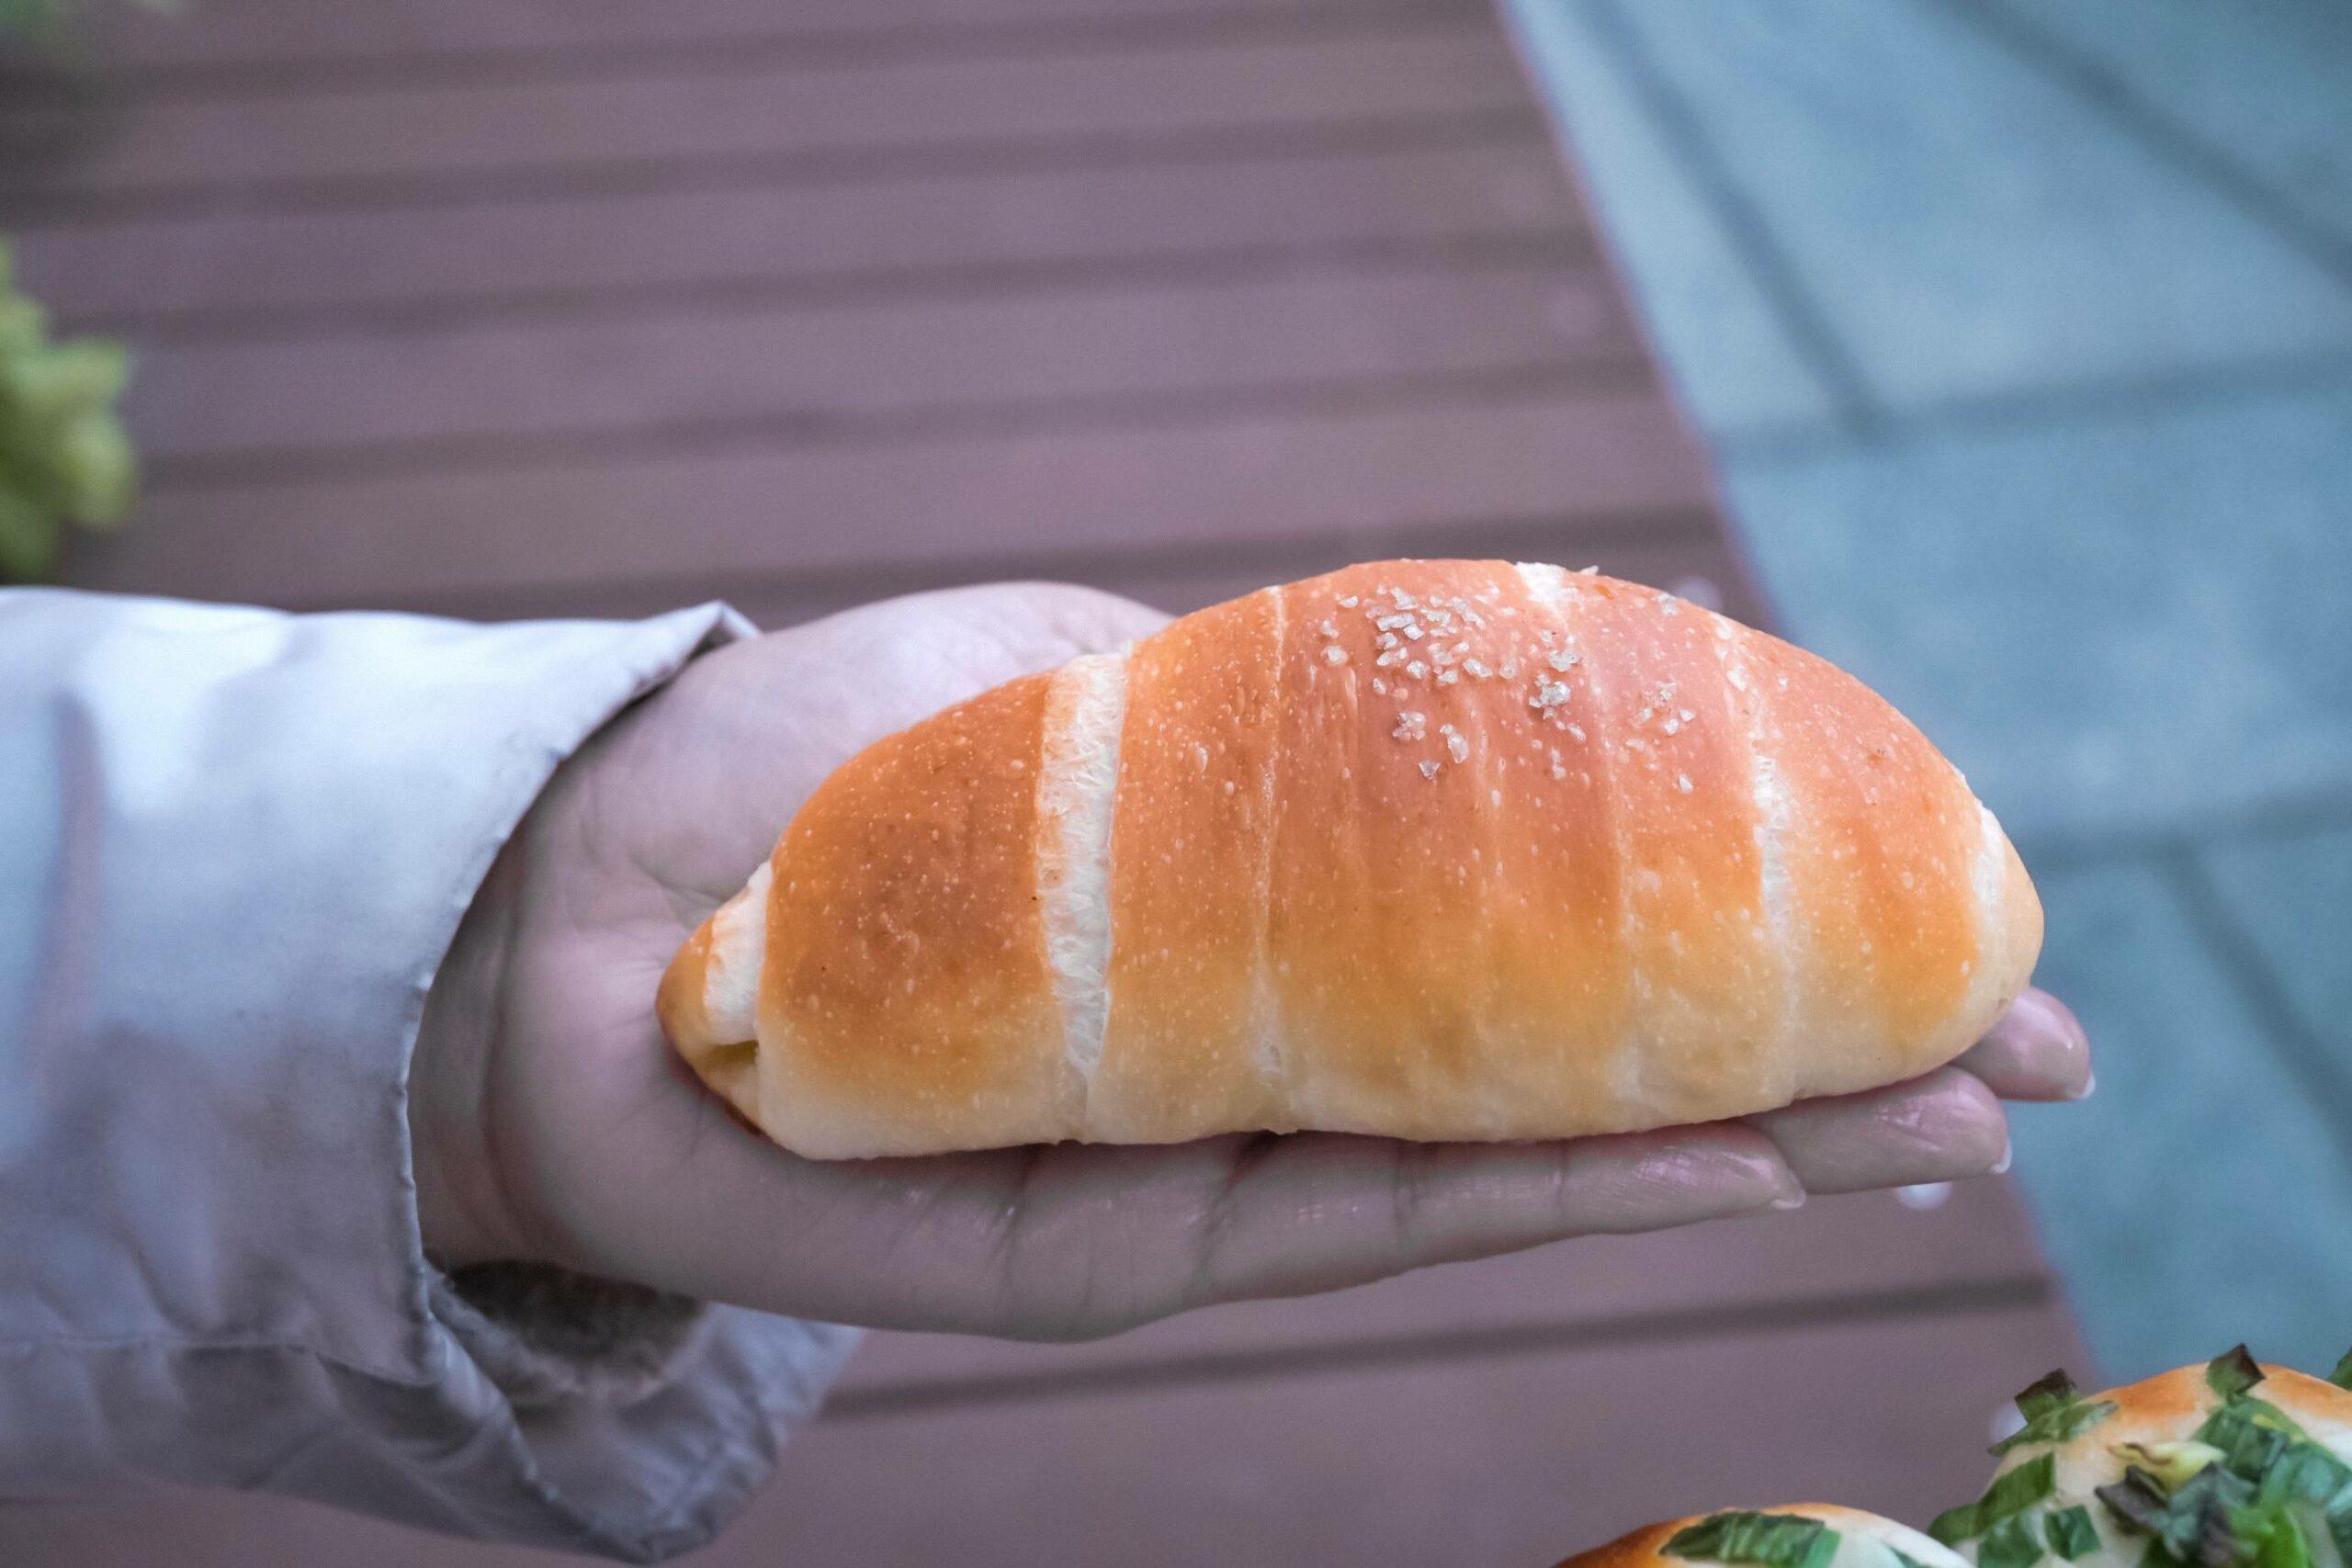 瘋小麥:鹽可頌必點,新莊質感麵包店,記得先電話預訂不然架上空空,白跑一趟【新莊美食】 (菜單) @女子的休假計劃